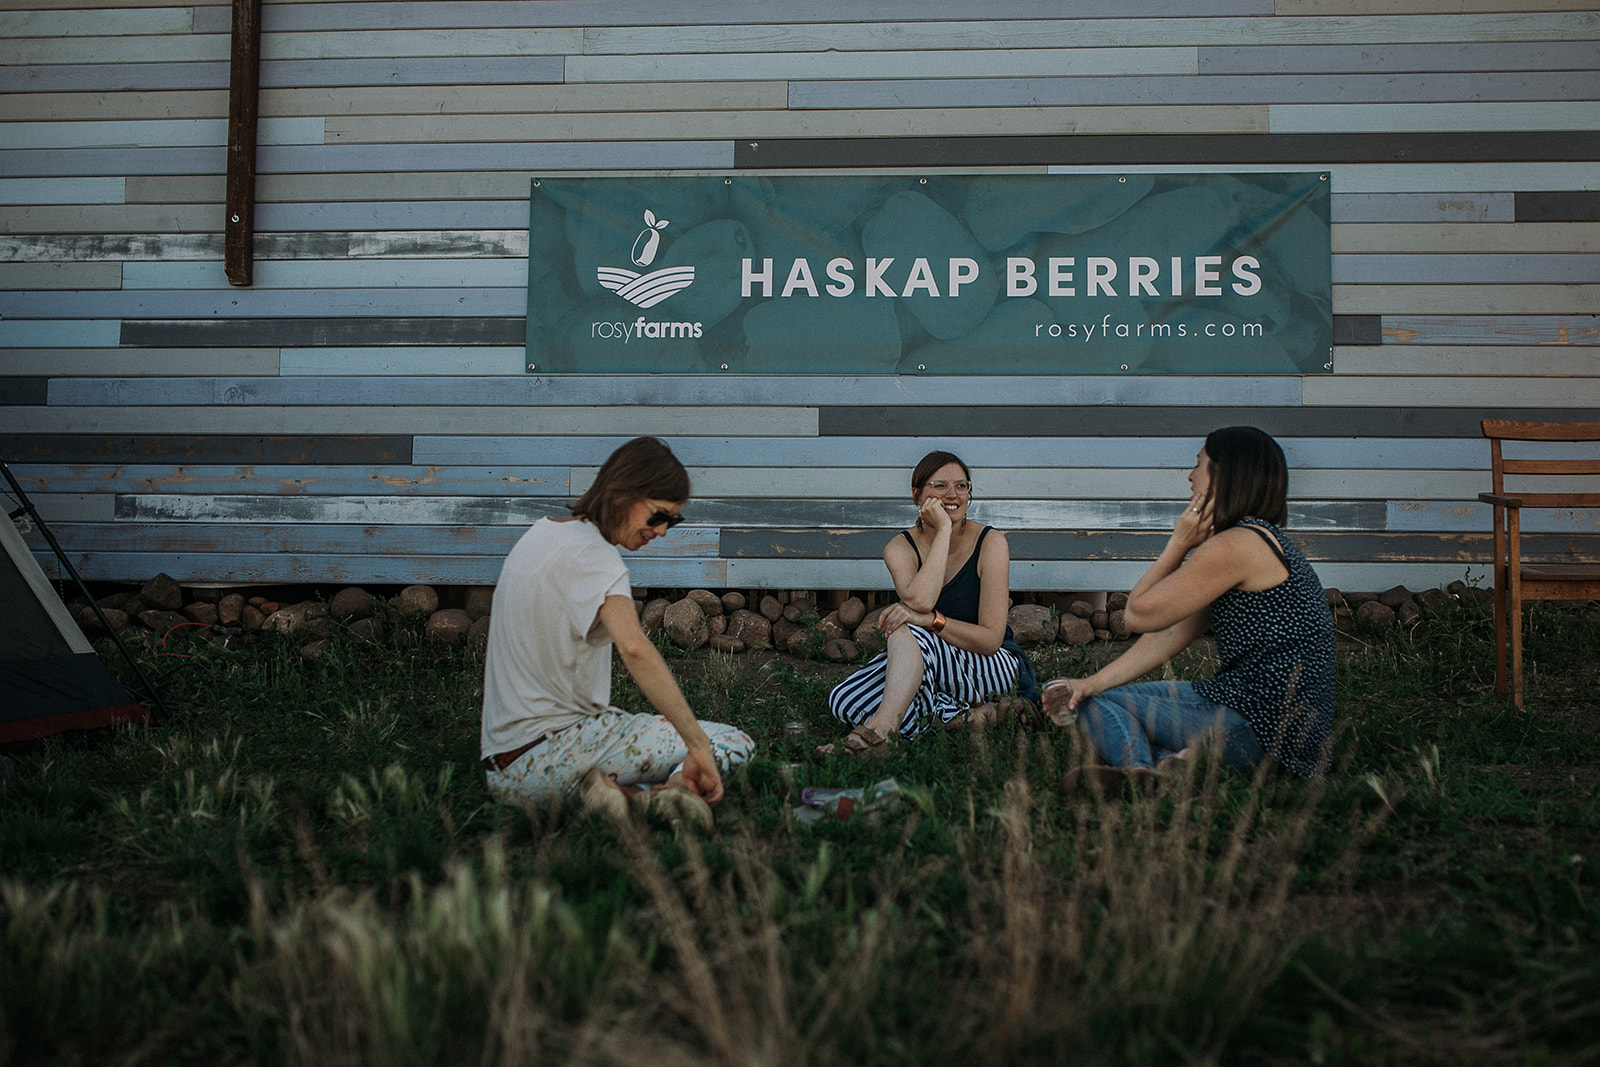 Haskap Berries